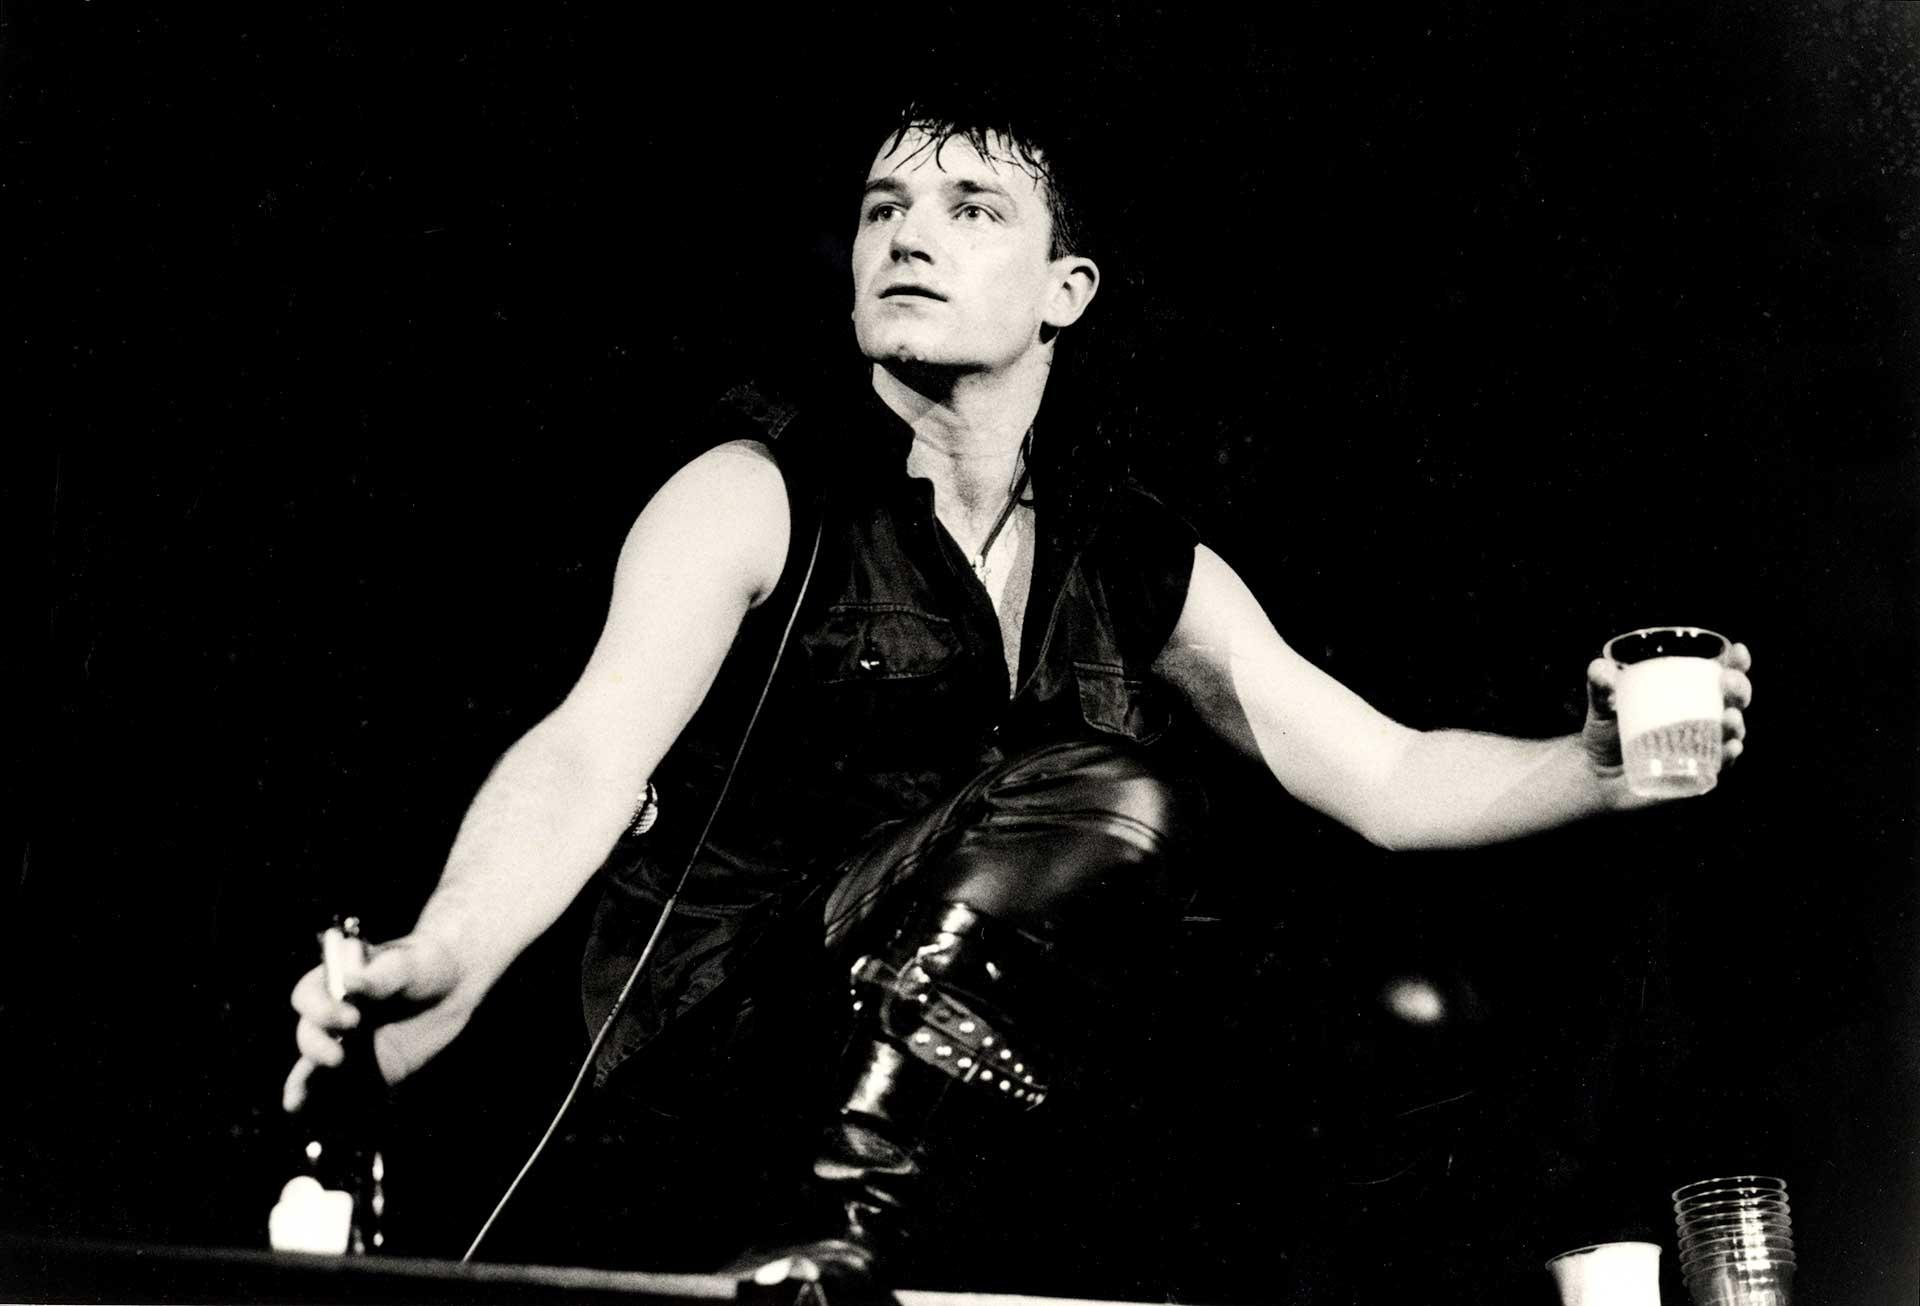 El Zoo TV Tour fue una gira de conciertos por todo el mundo, tras su álbum Achtung Baby (1991). La gira visitó arenas y estadios entre 1992-1993.